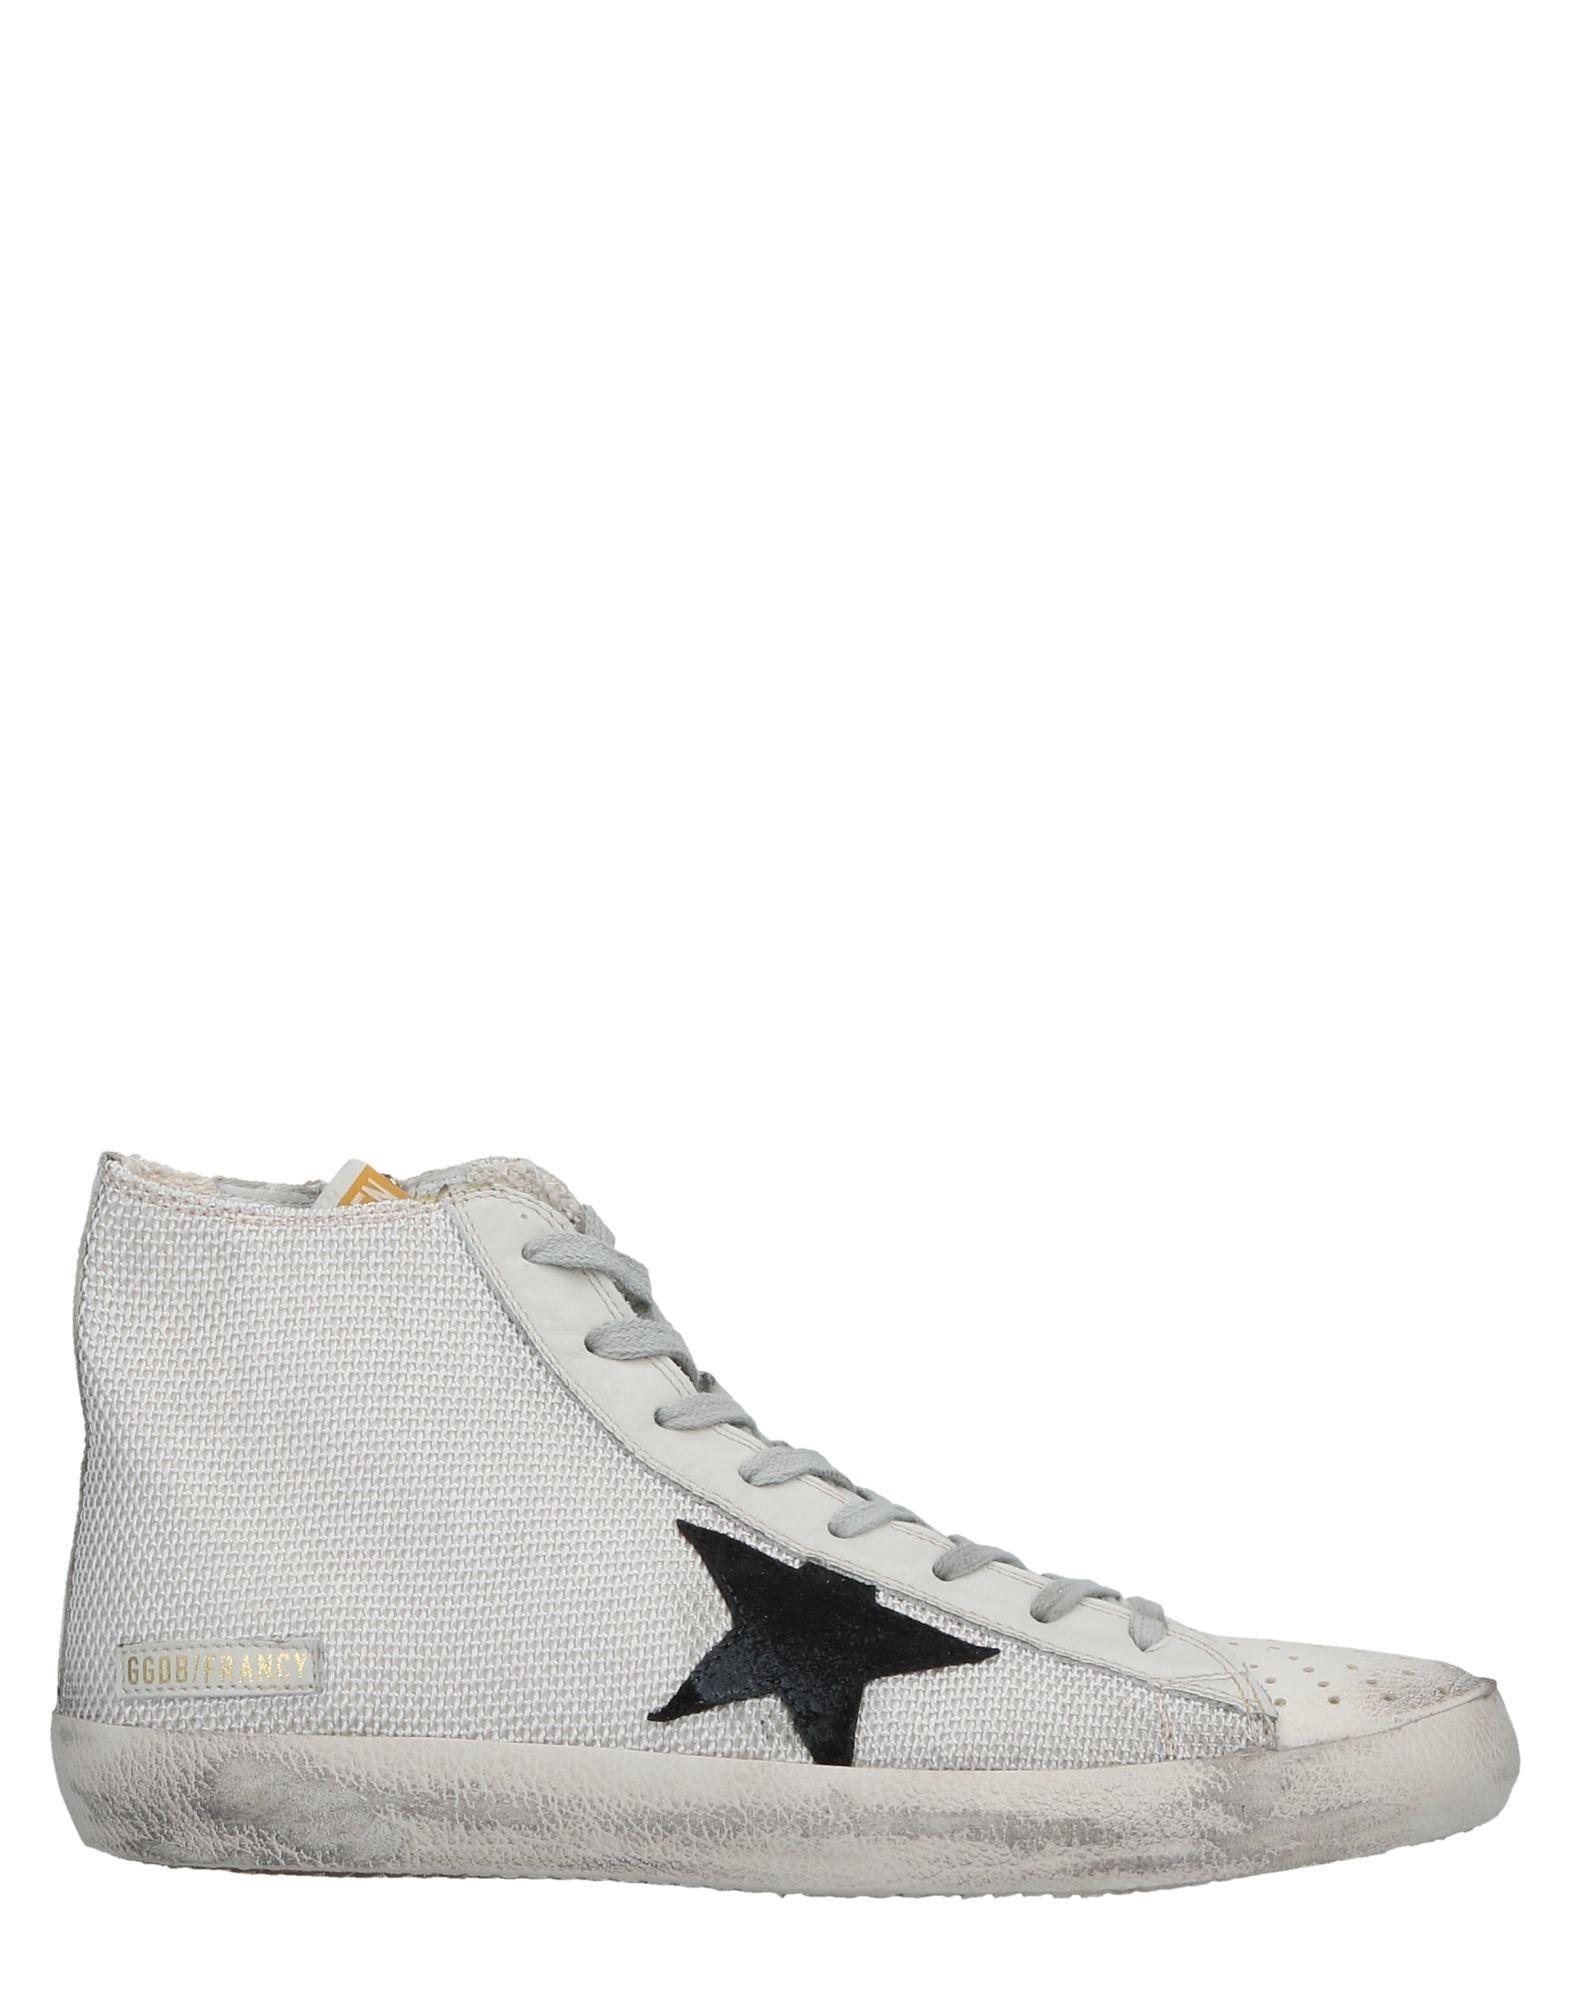 Sneakers Golden Goose Deluxe Brand Donna - 11509844II